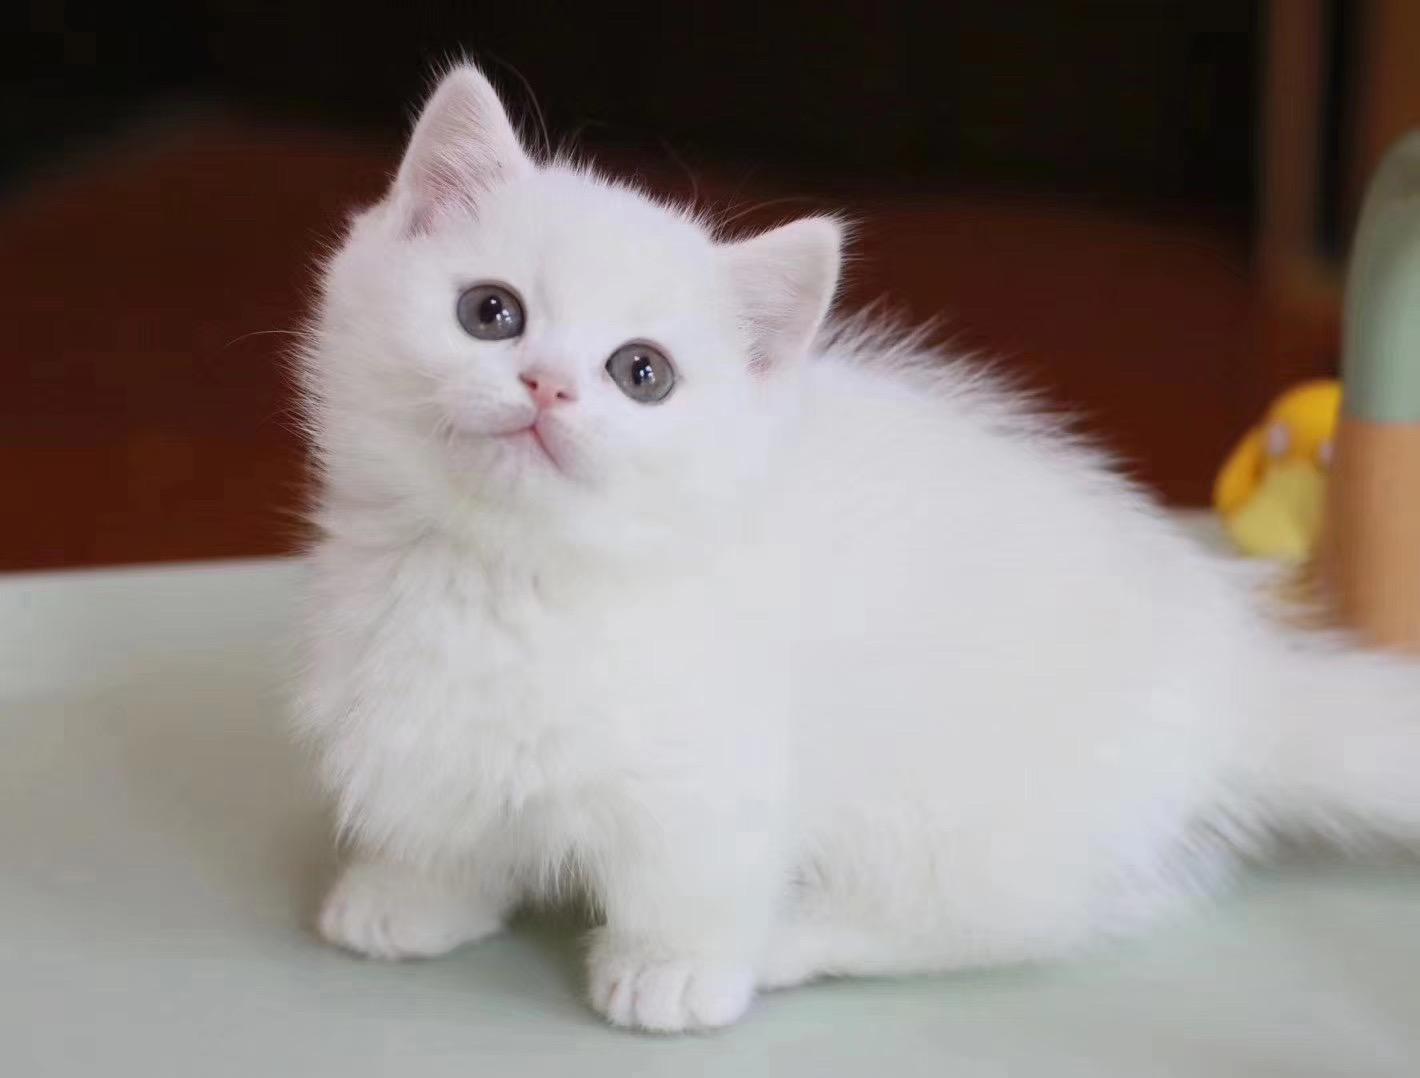 官网推荐已认证 曼基康猫出售 可签订合同!▊CAF认证▊